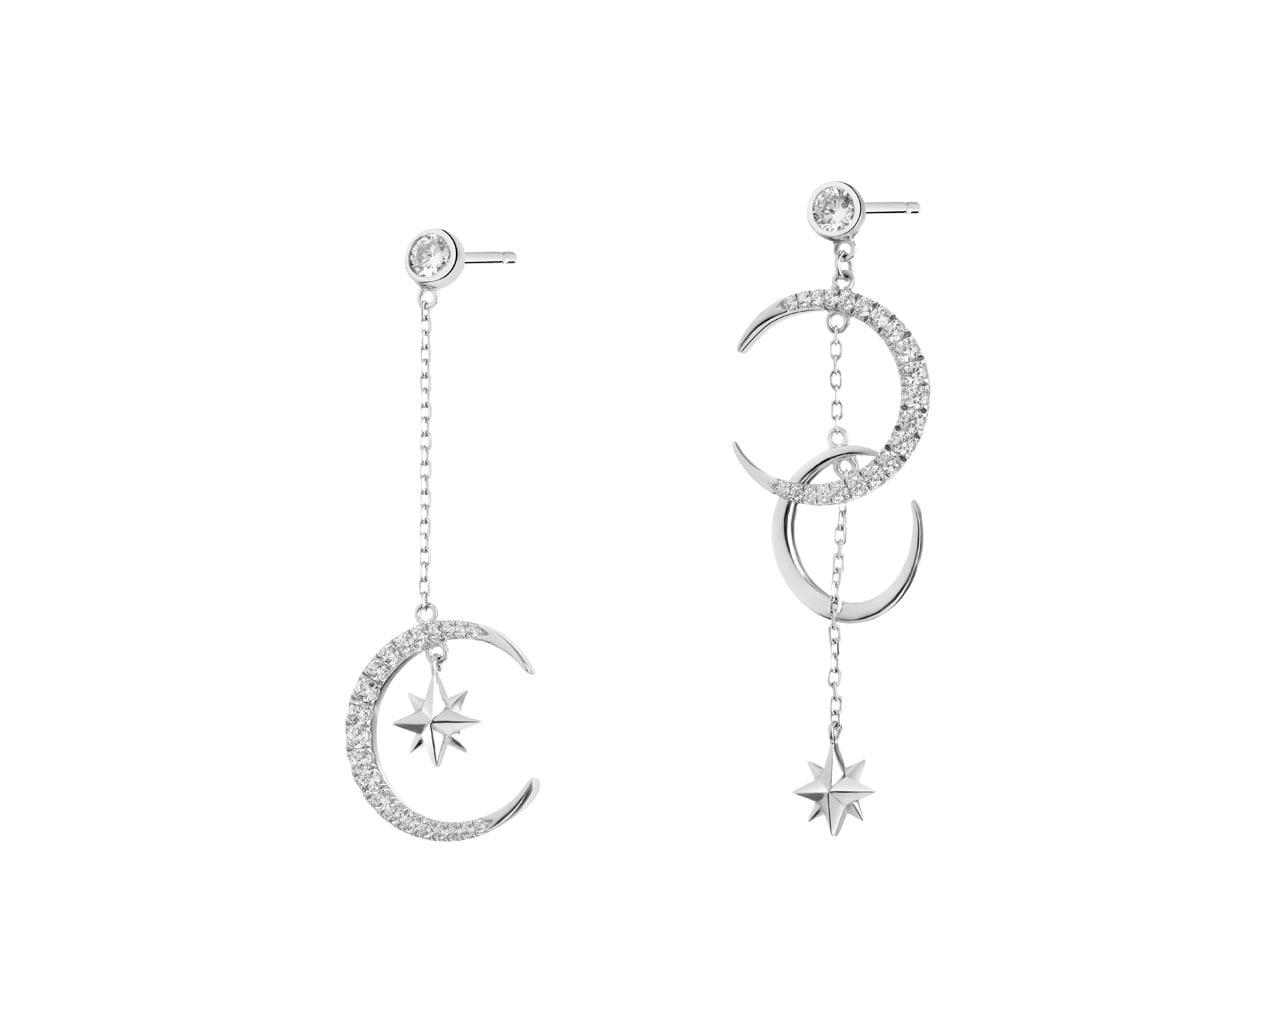 e93236307342f2 Kolczyki srebrne z cyrkoniami - księżyce, gwiazdki